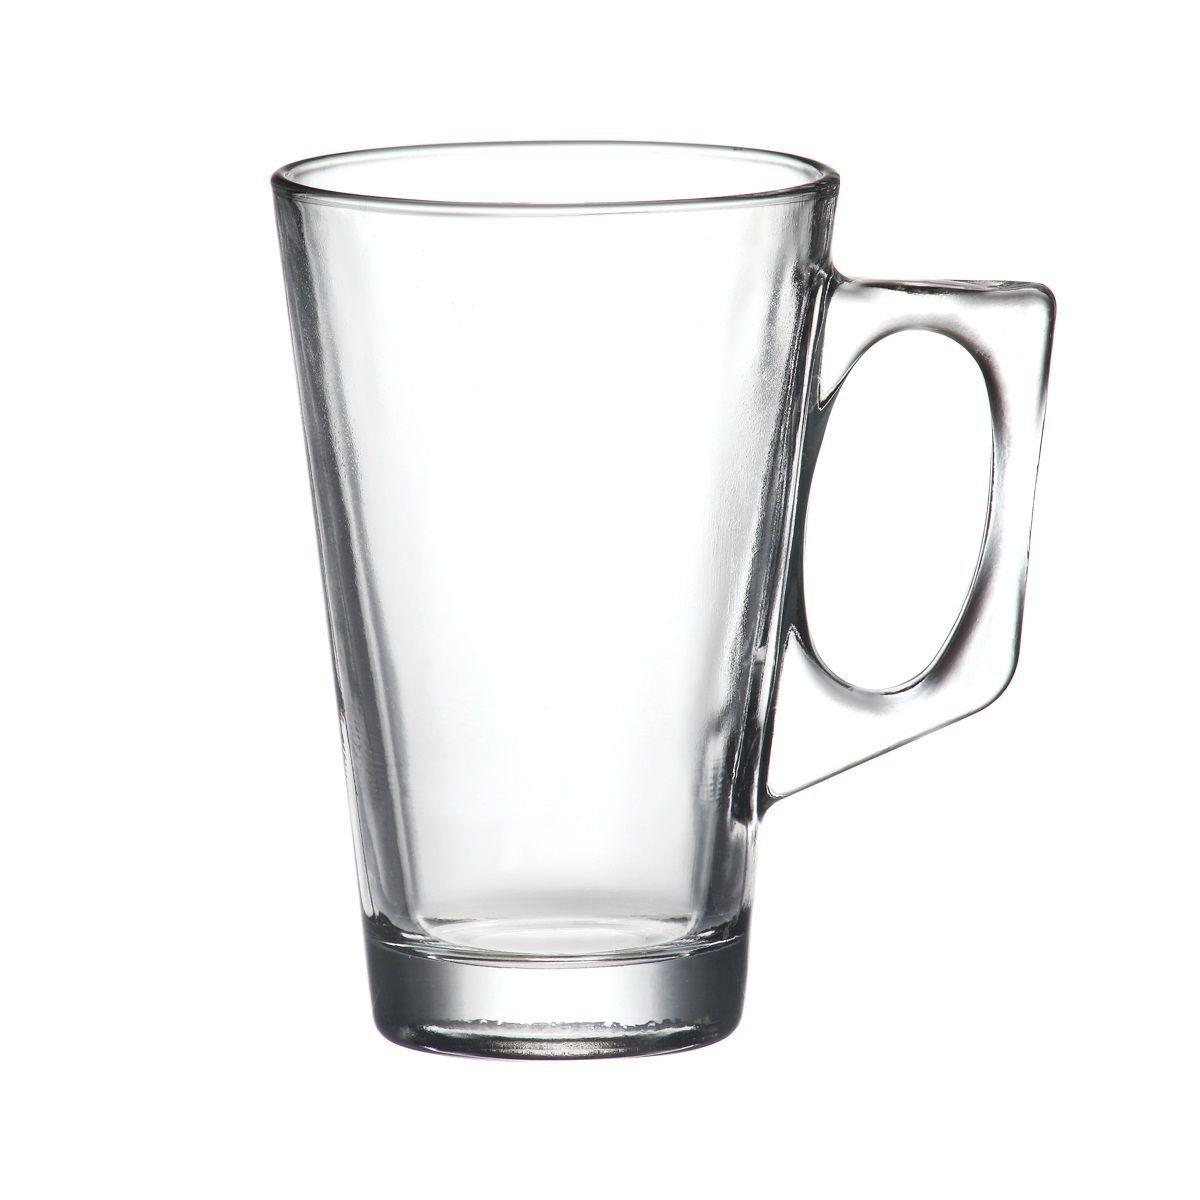 Jogo 6 copos 225ml para café e chá de vidro transparente com alça Experience Lyor - L6543